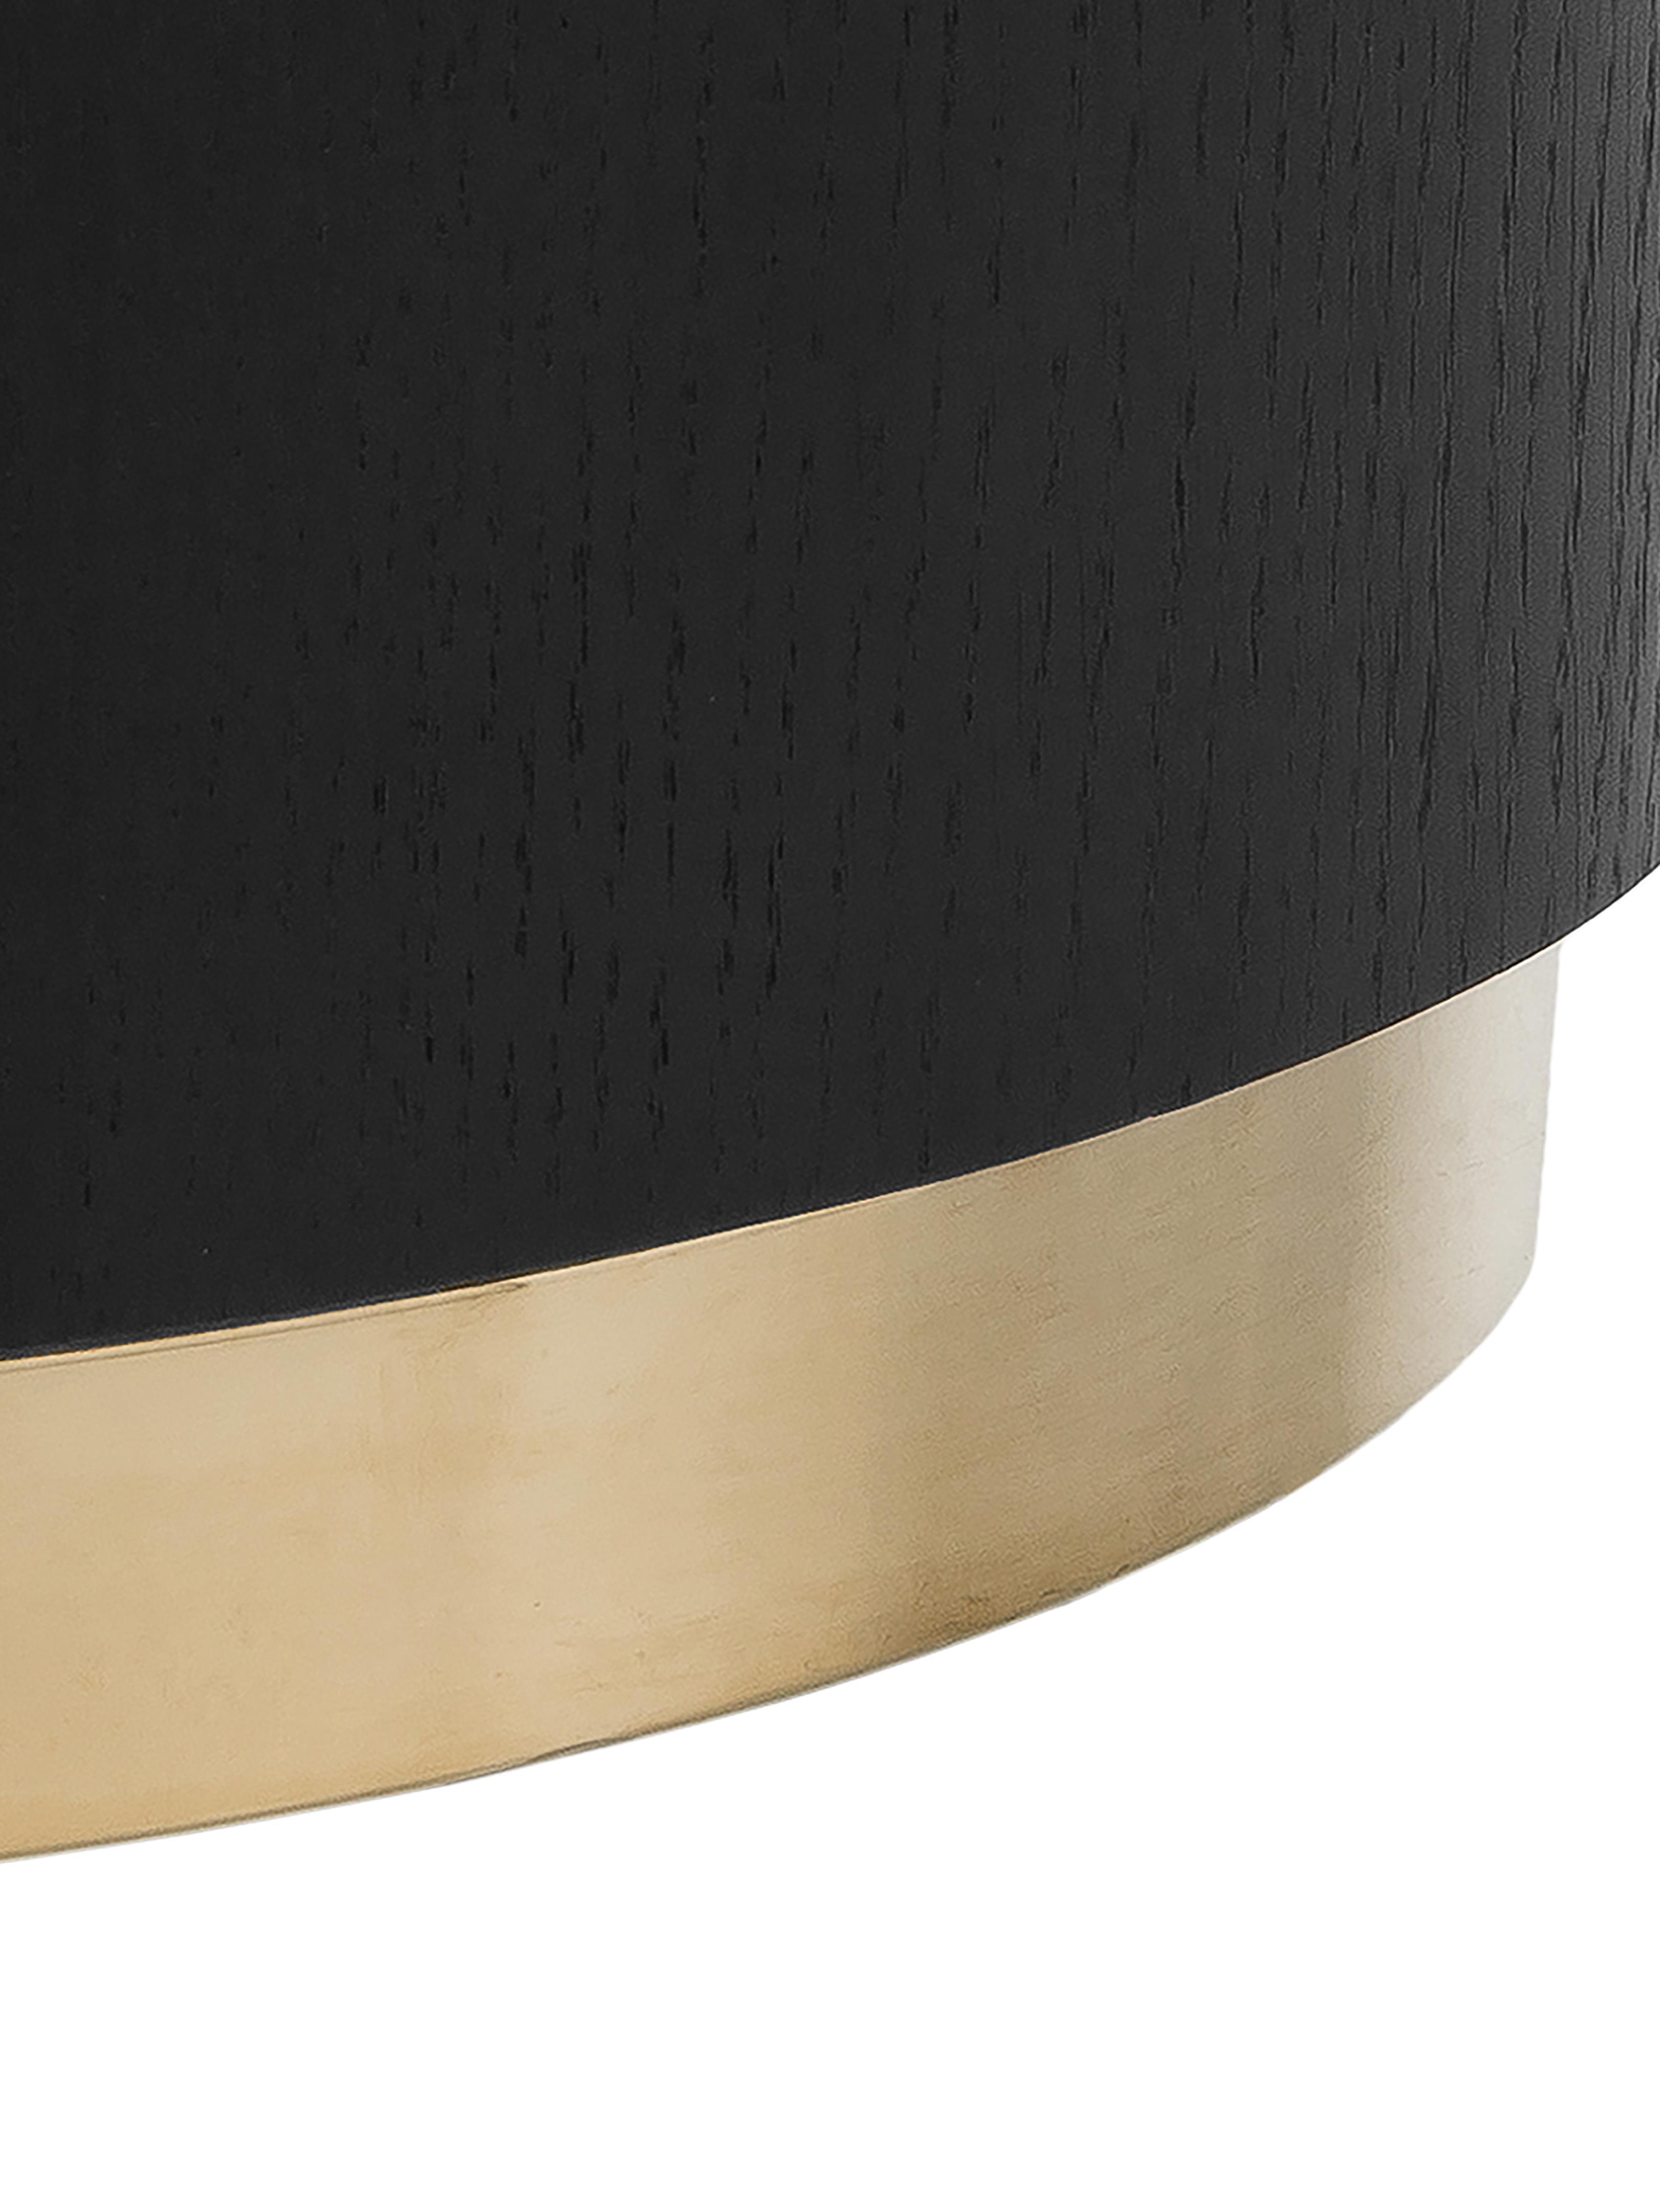 Großer Couchtisch Clarice in Schwarz, Korpus: Mitteldichte Holzfaserpla, Fuß: Metall, beschichtet, Korpus: Eichenholz, schwarz lackiertFuß: Goldfarben, ∅ 90 x H 35 cm